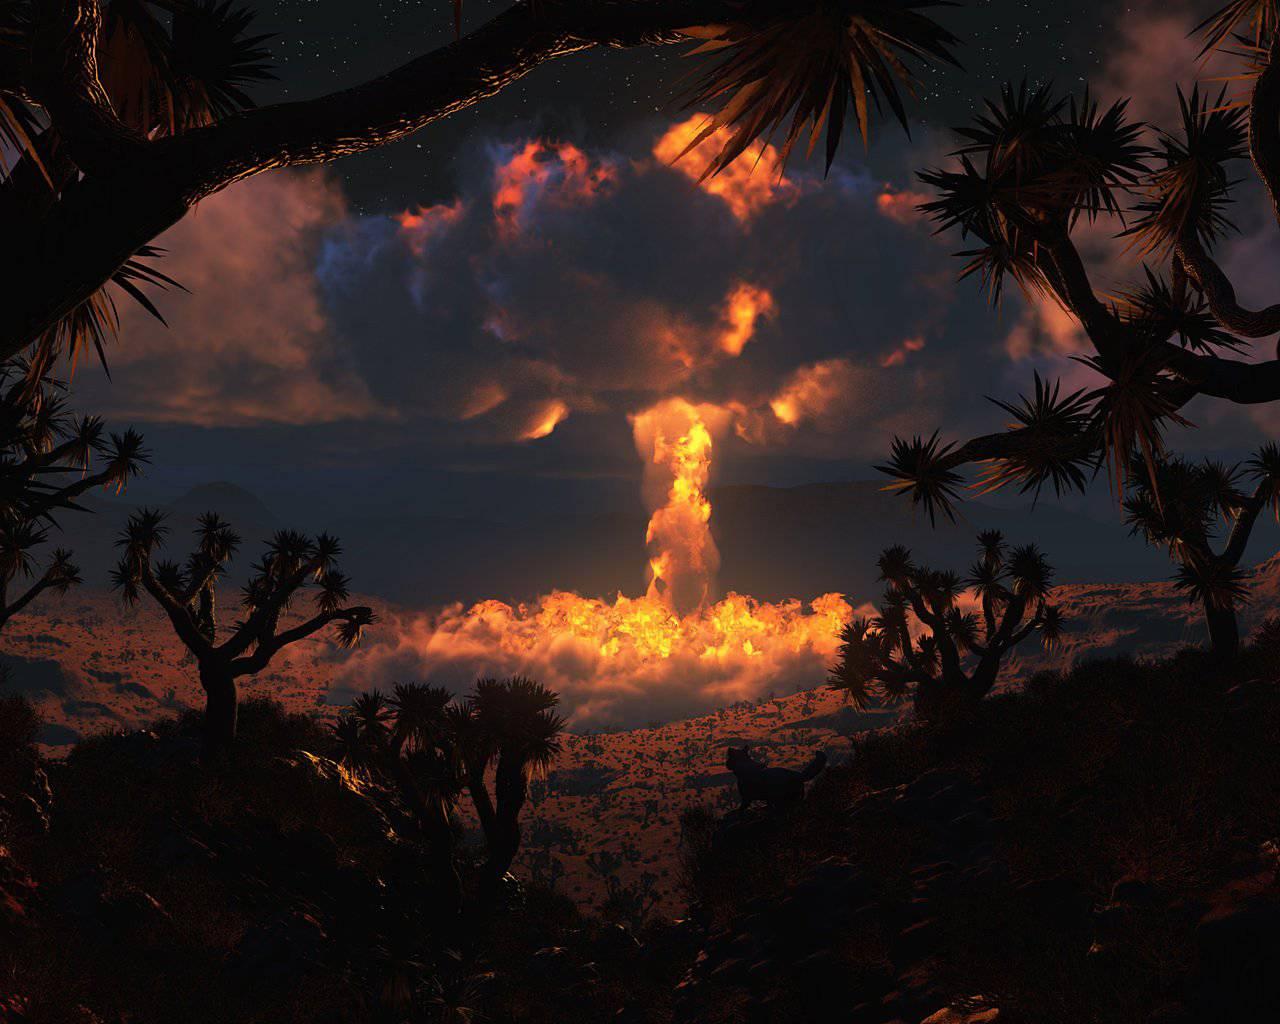 Ядерная война… 3000 лет назад?!